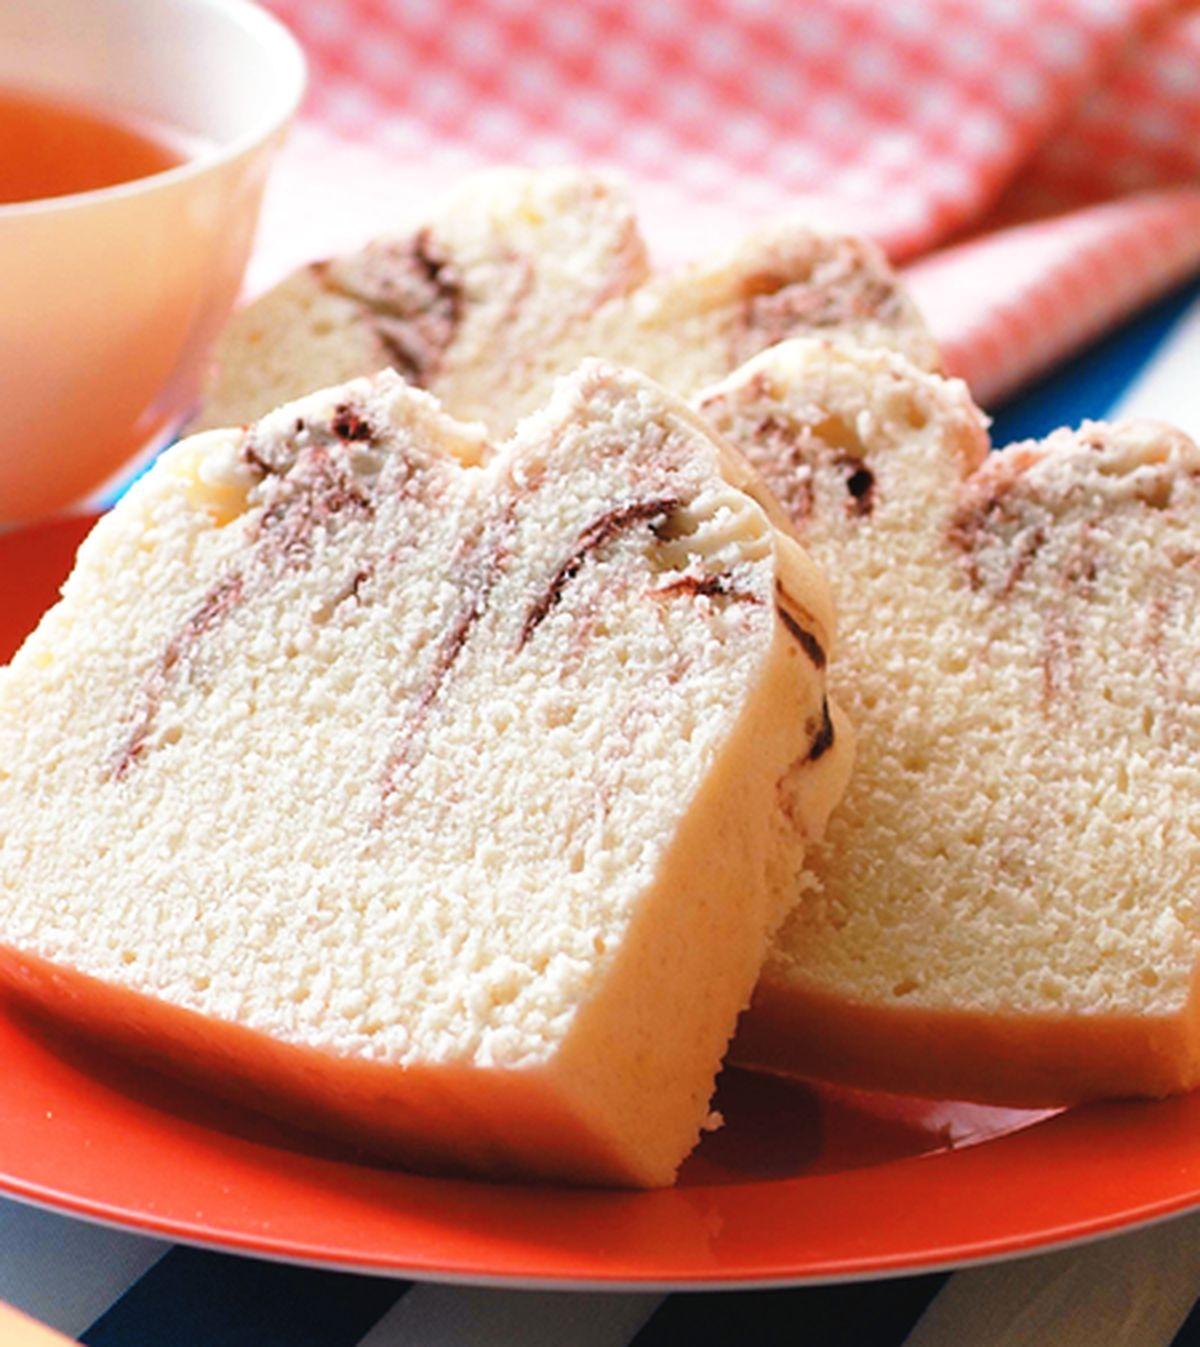 食譜:大理石蒸糕